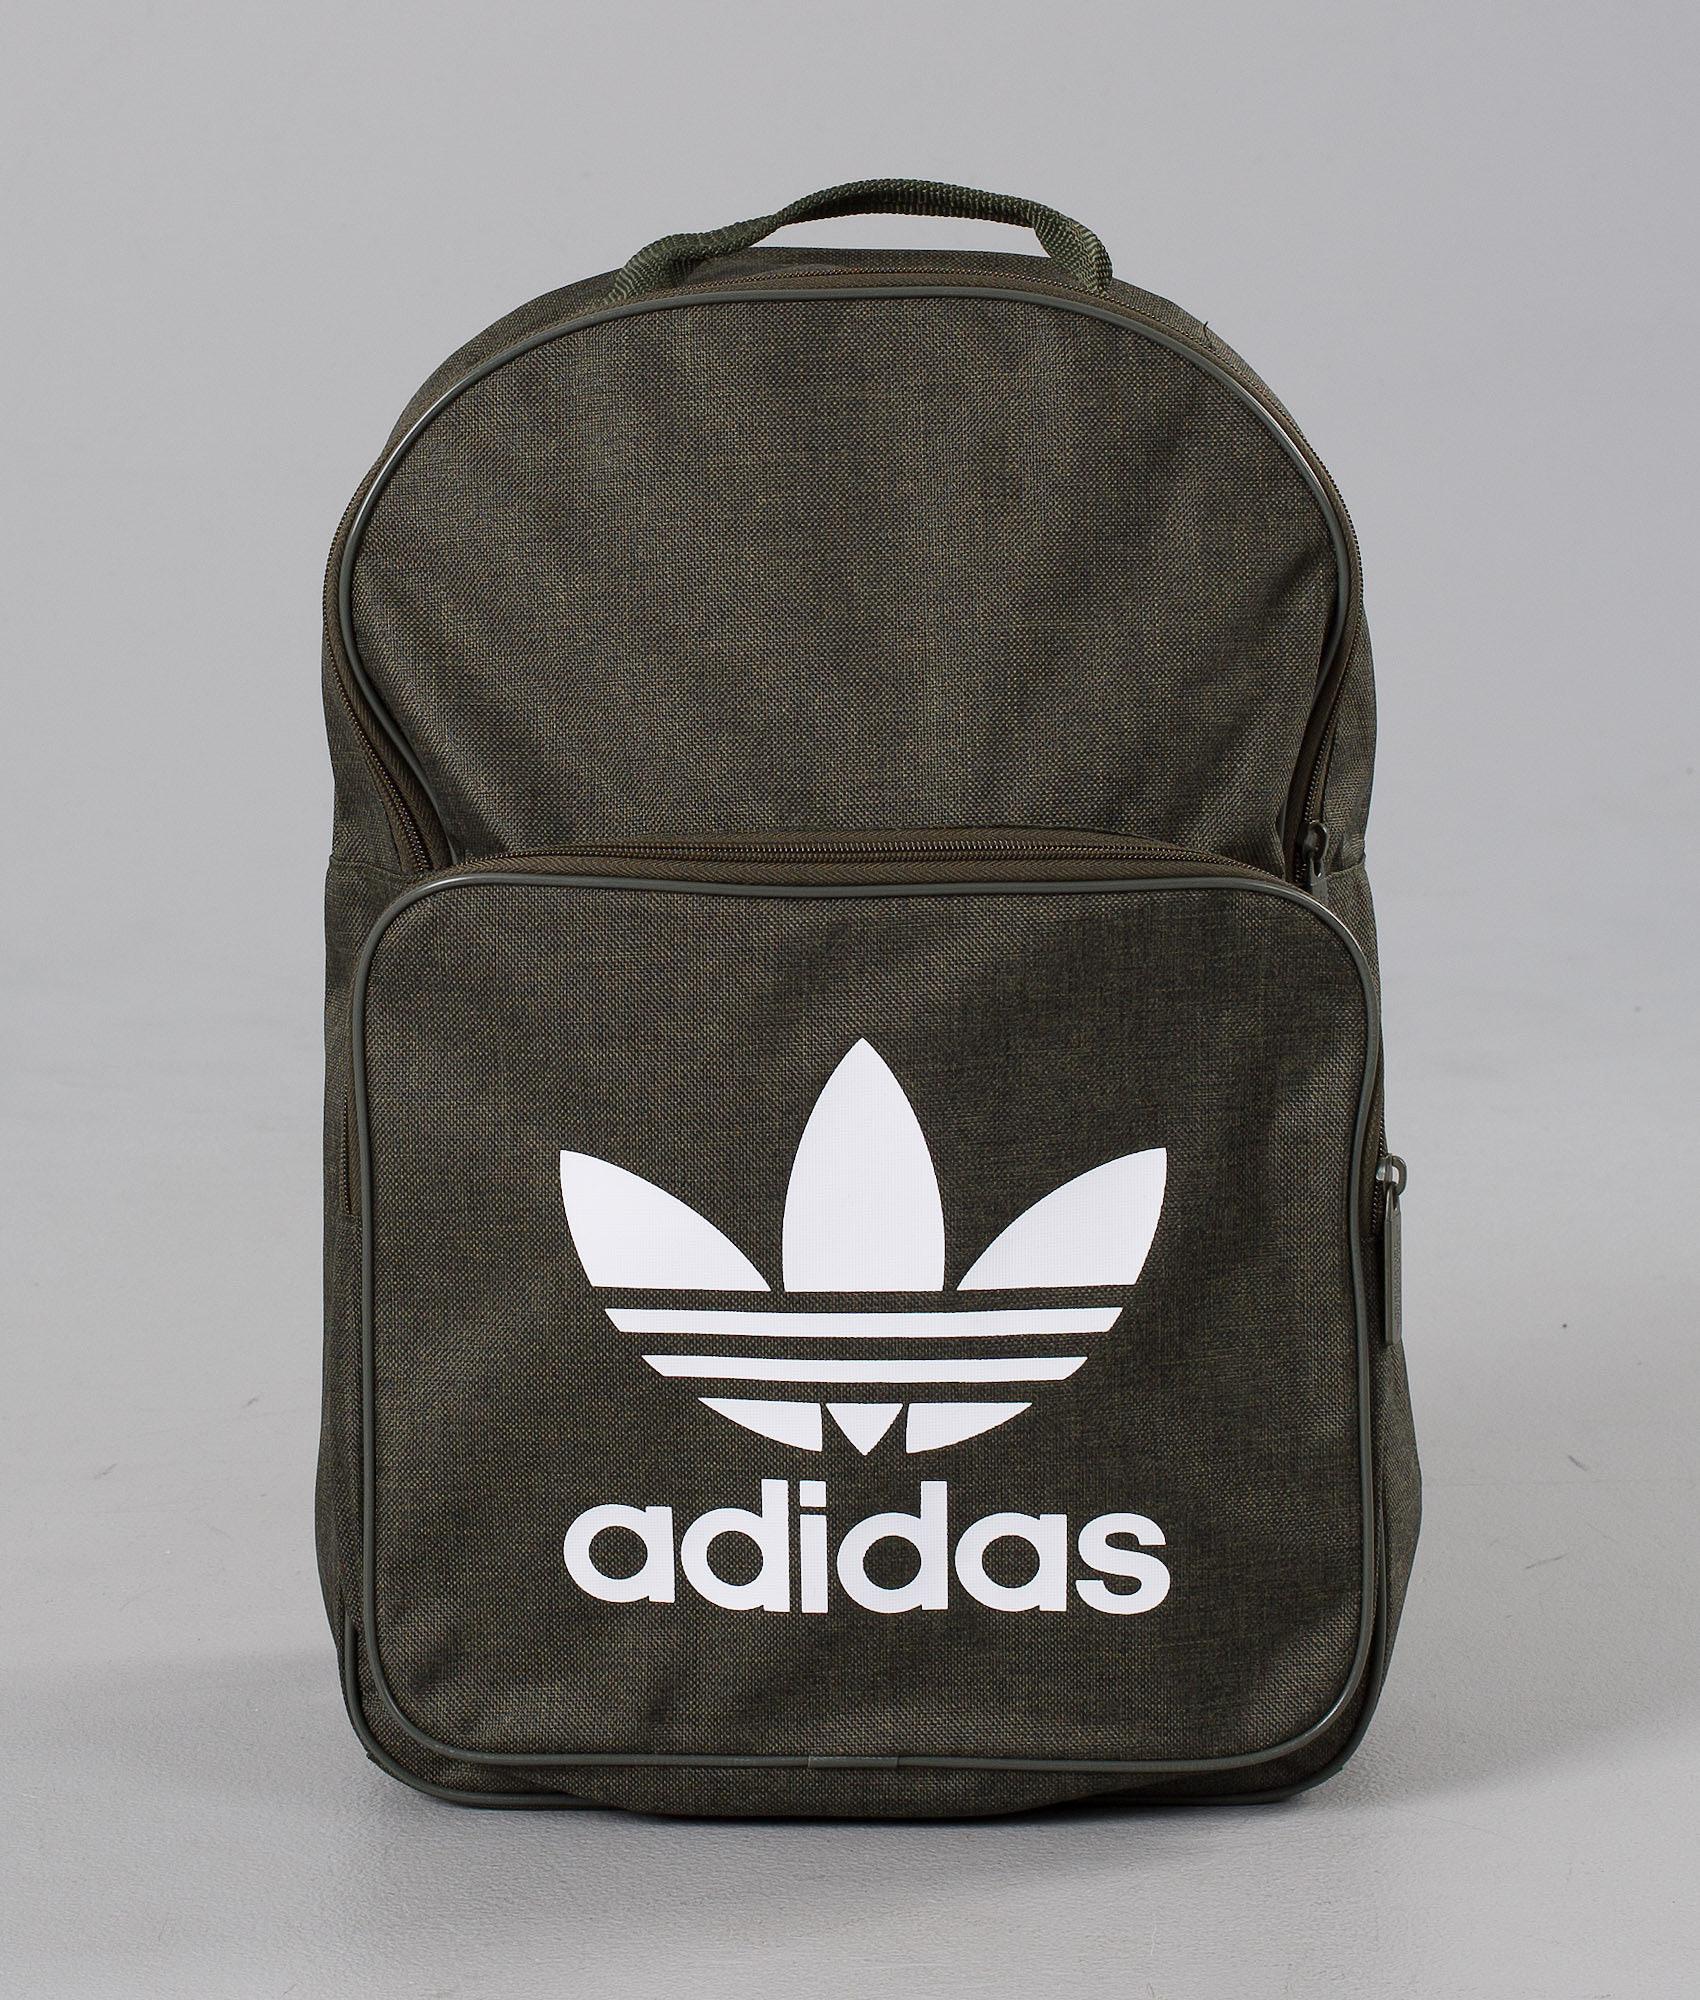 6c52a45a2e7 Adidas Originals Bp Class Casual Bag Night Cargo - Ridestore.com